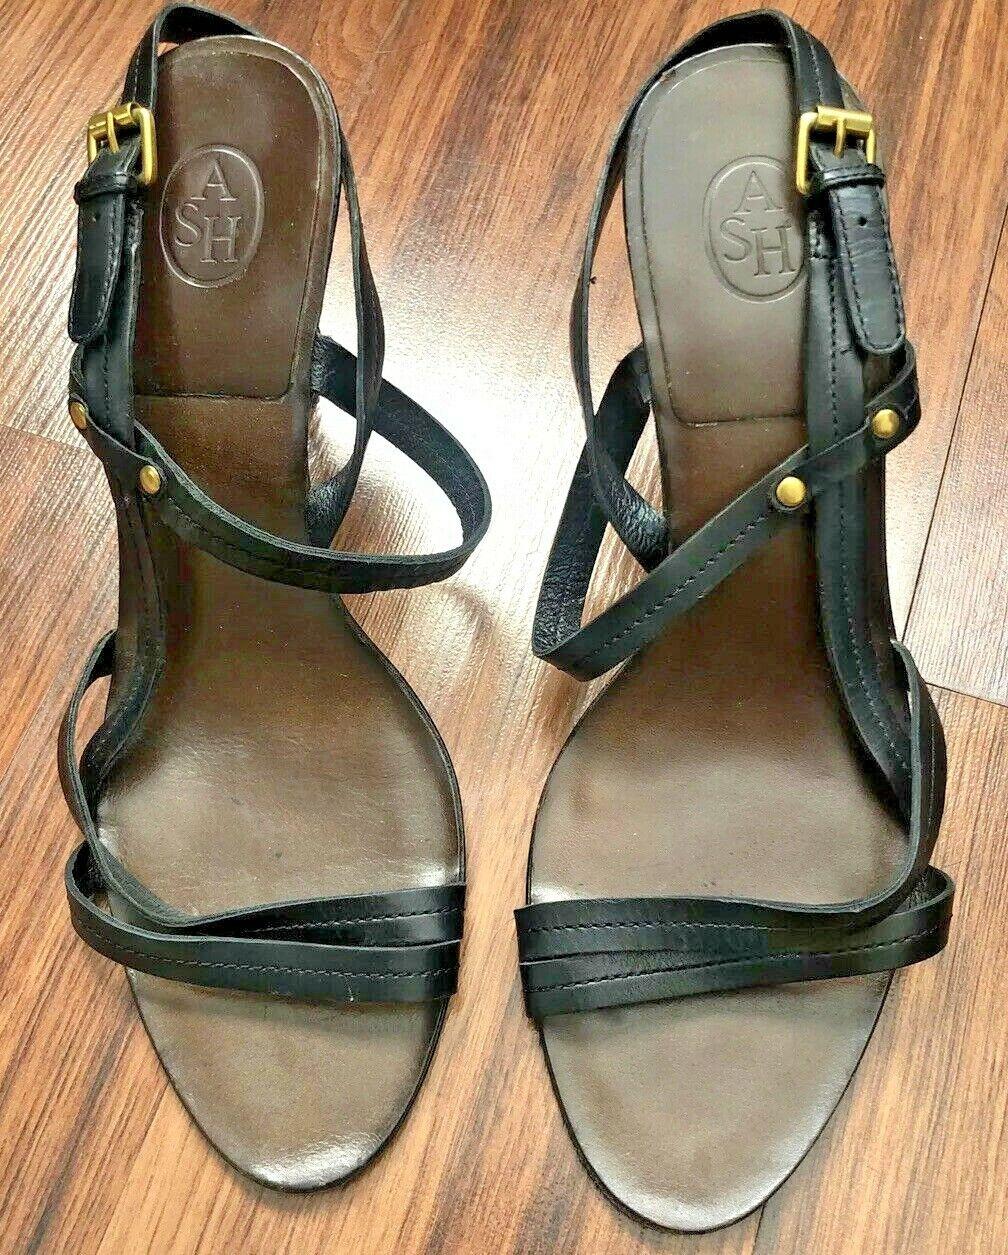 ASH Leather Sole Women Heels Black Size 39 (8.5)